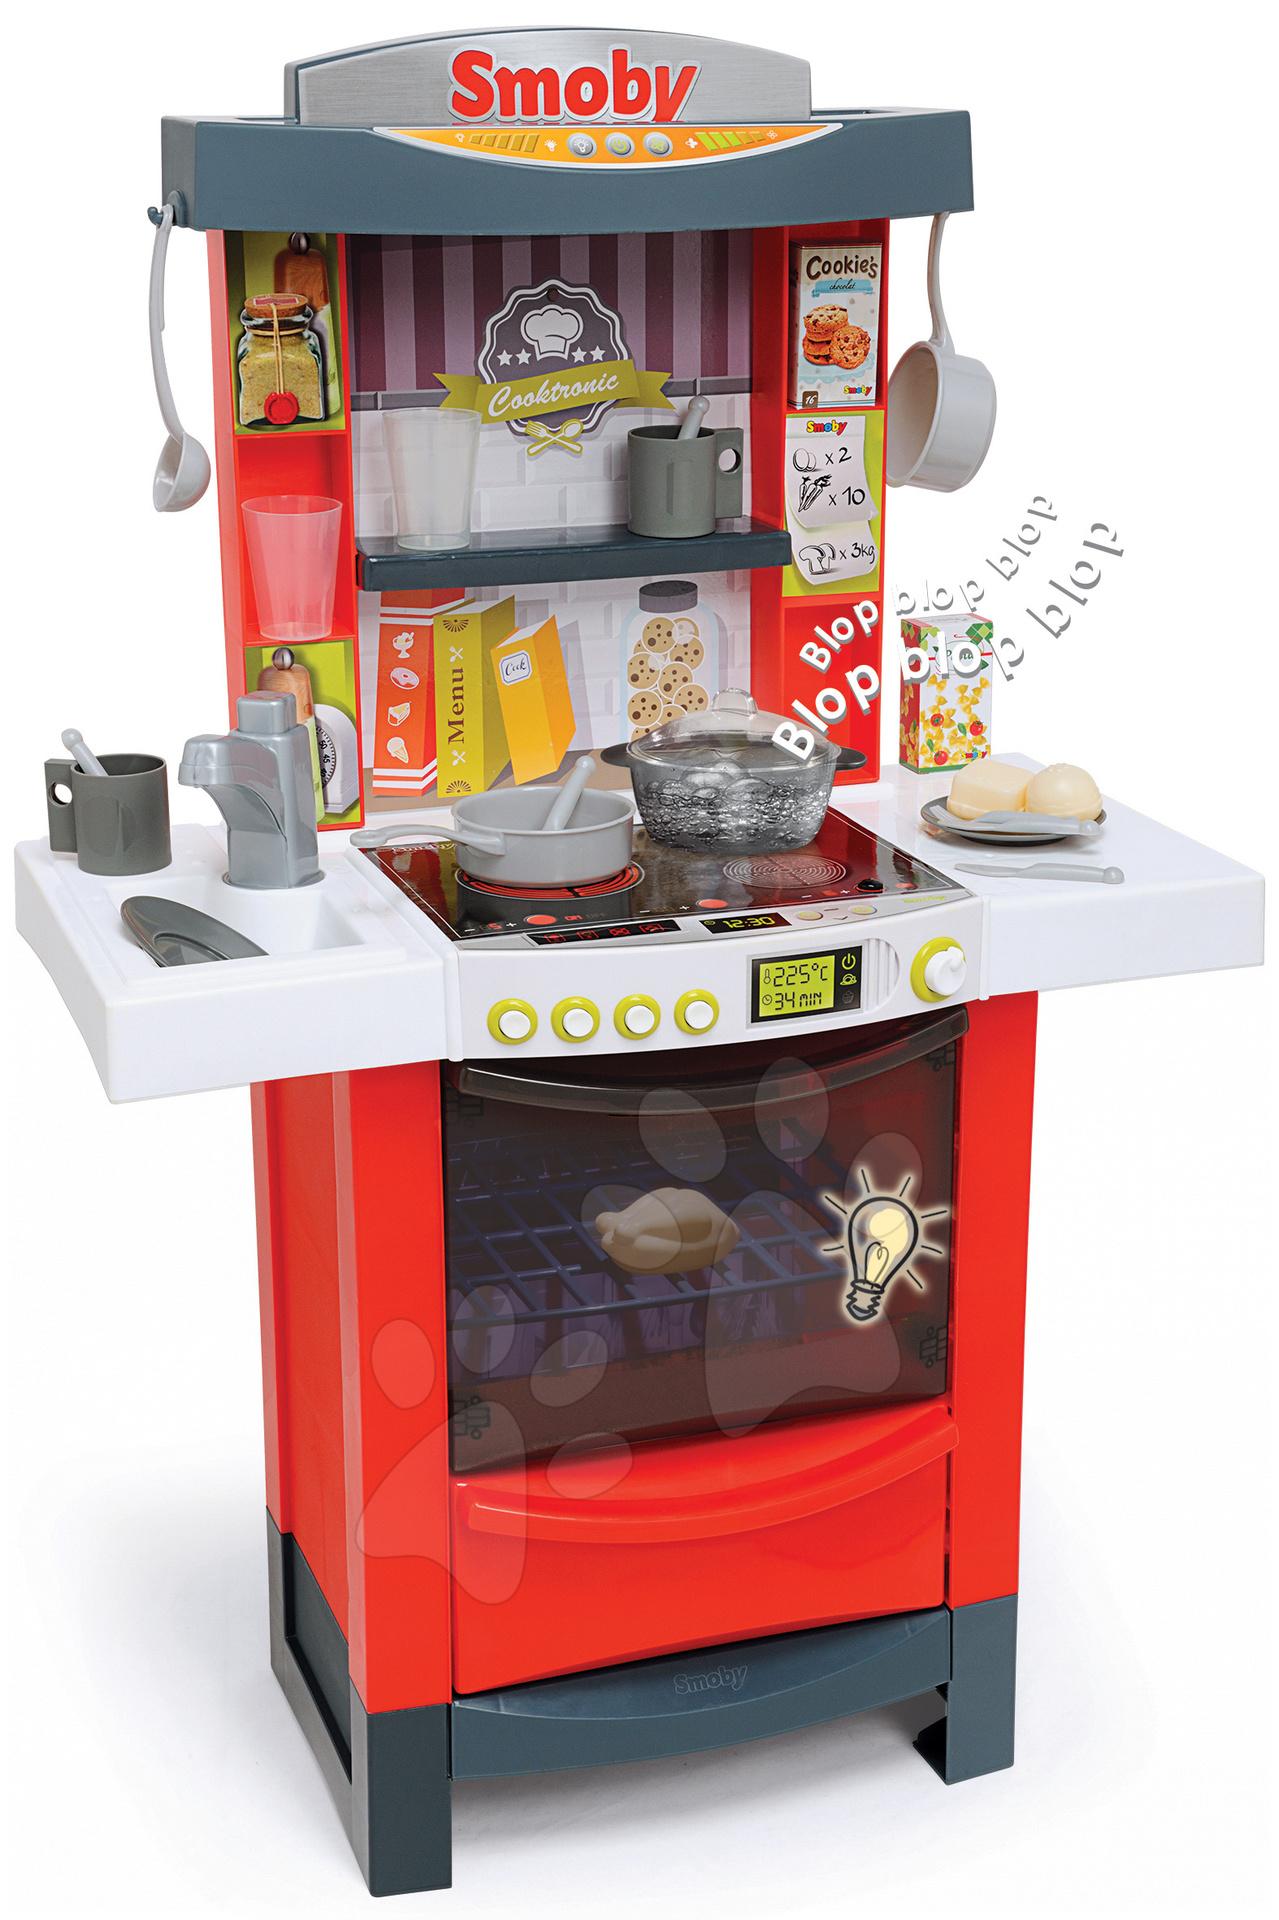 Kuchyňka TEFAL MAGIC BUBBLE BUBBLE Cook'tronic Smoby elektronická s magickým bubláním se světlem a zvuky, 21 doplňků